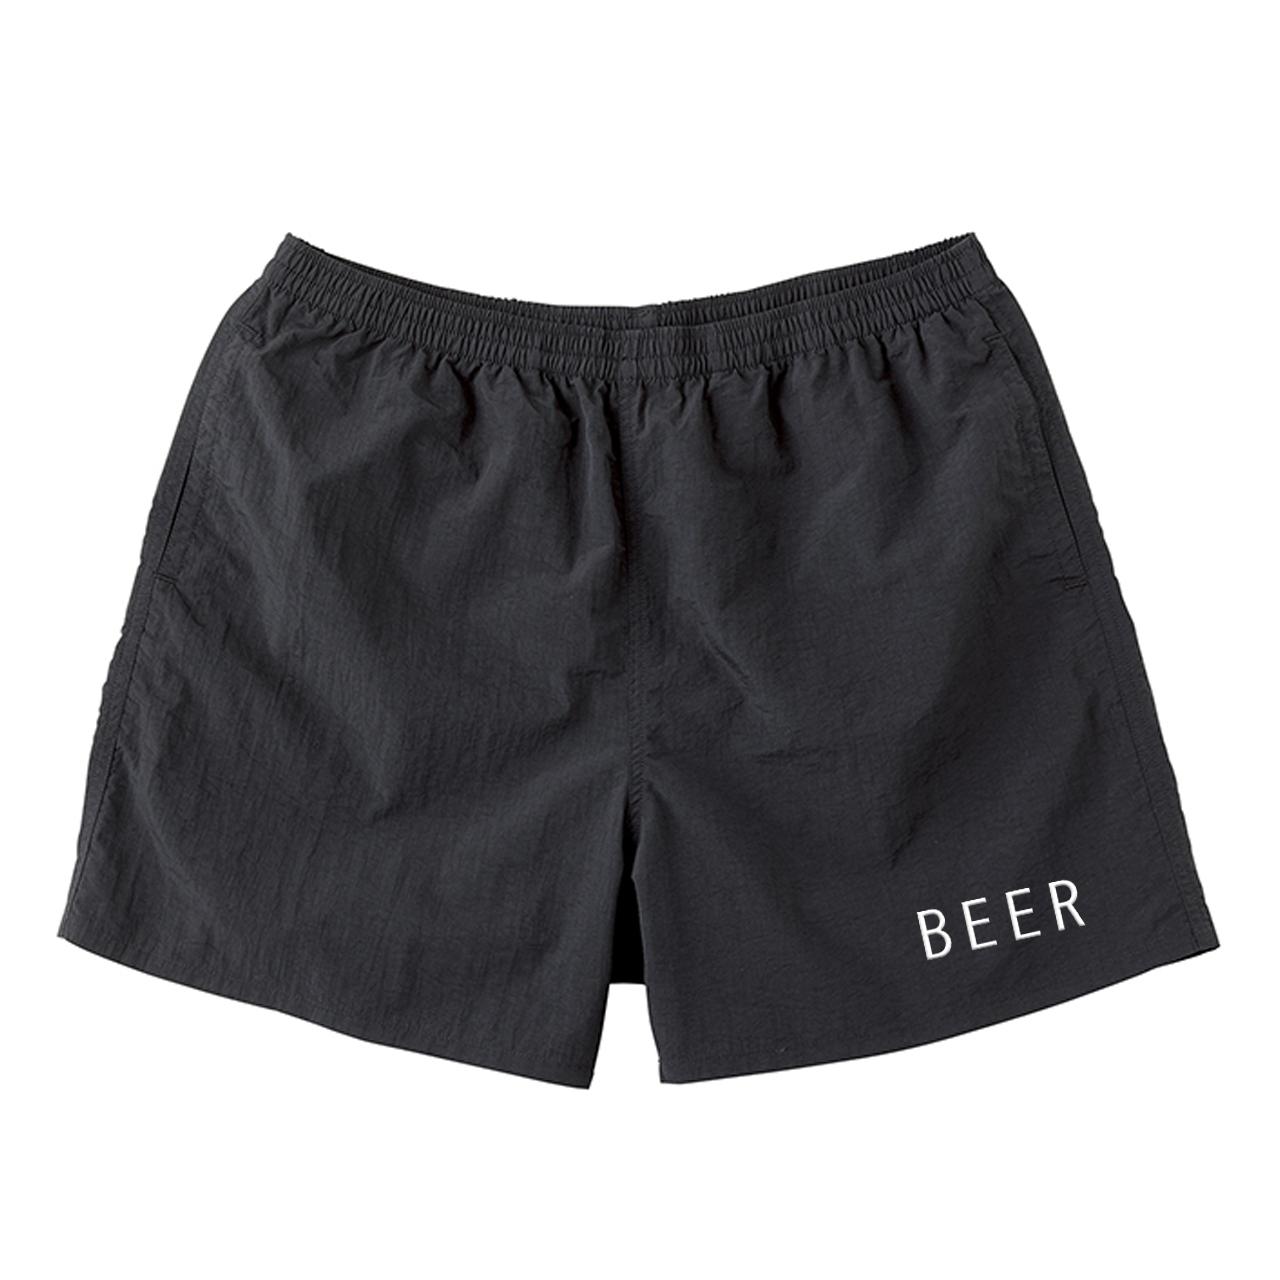 BEER ナイロンショートパンツ